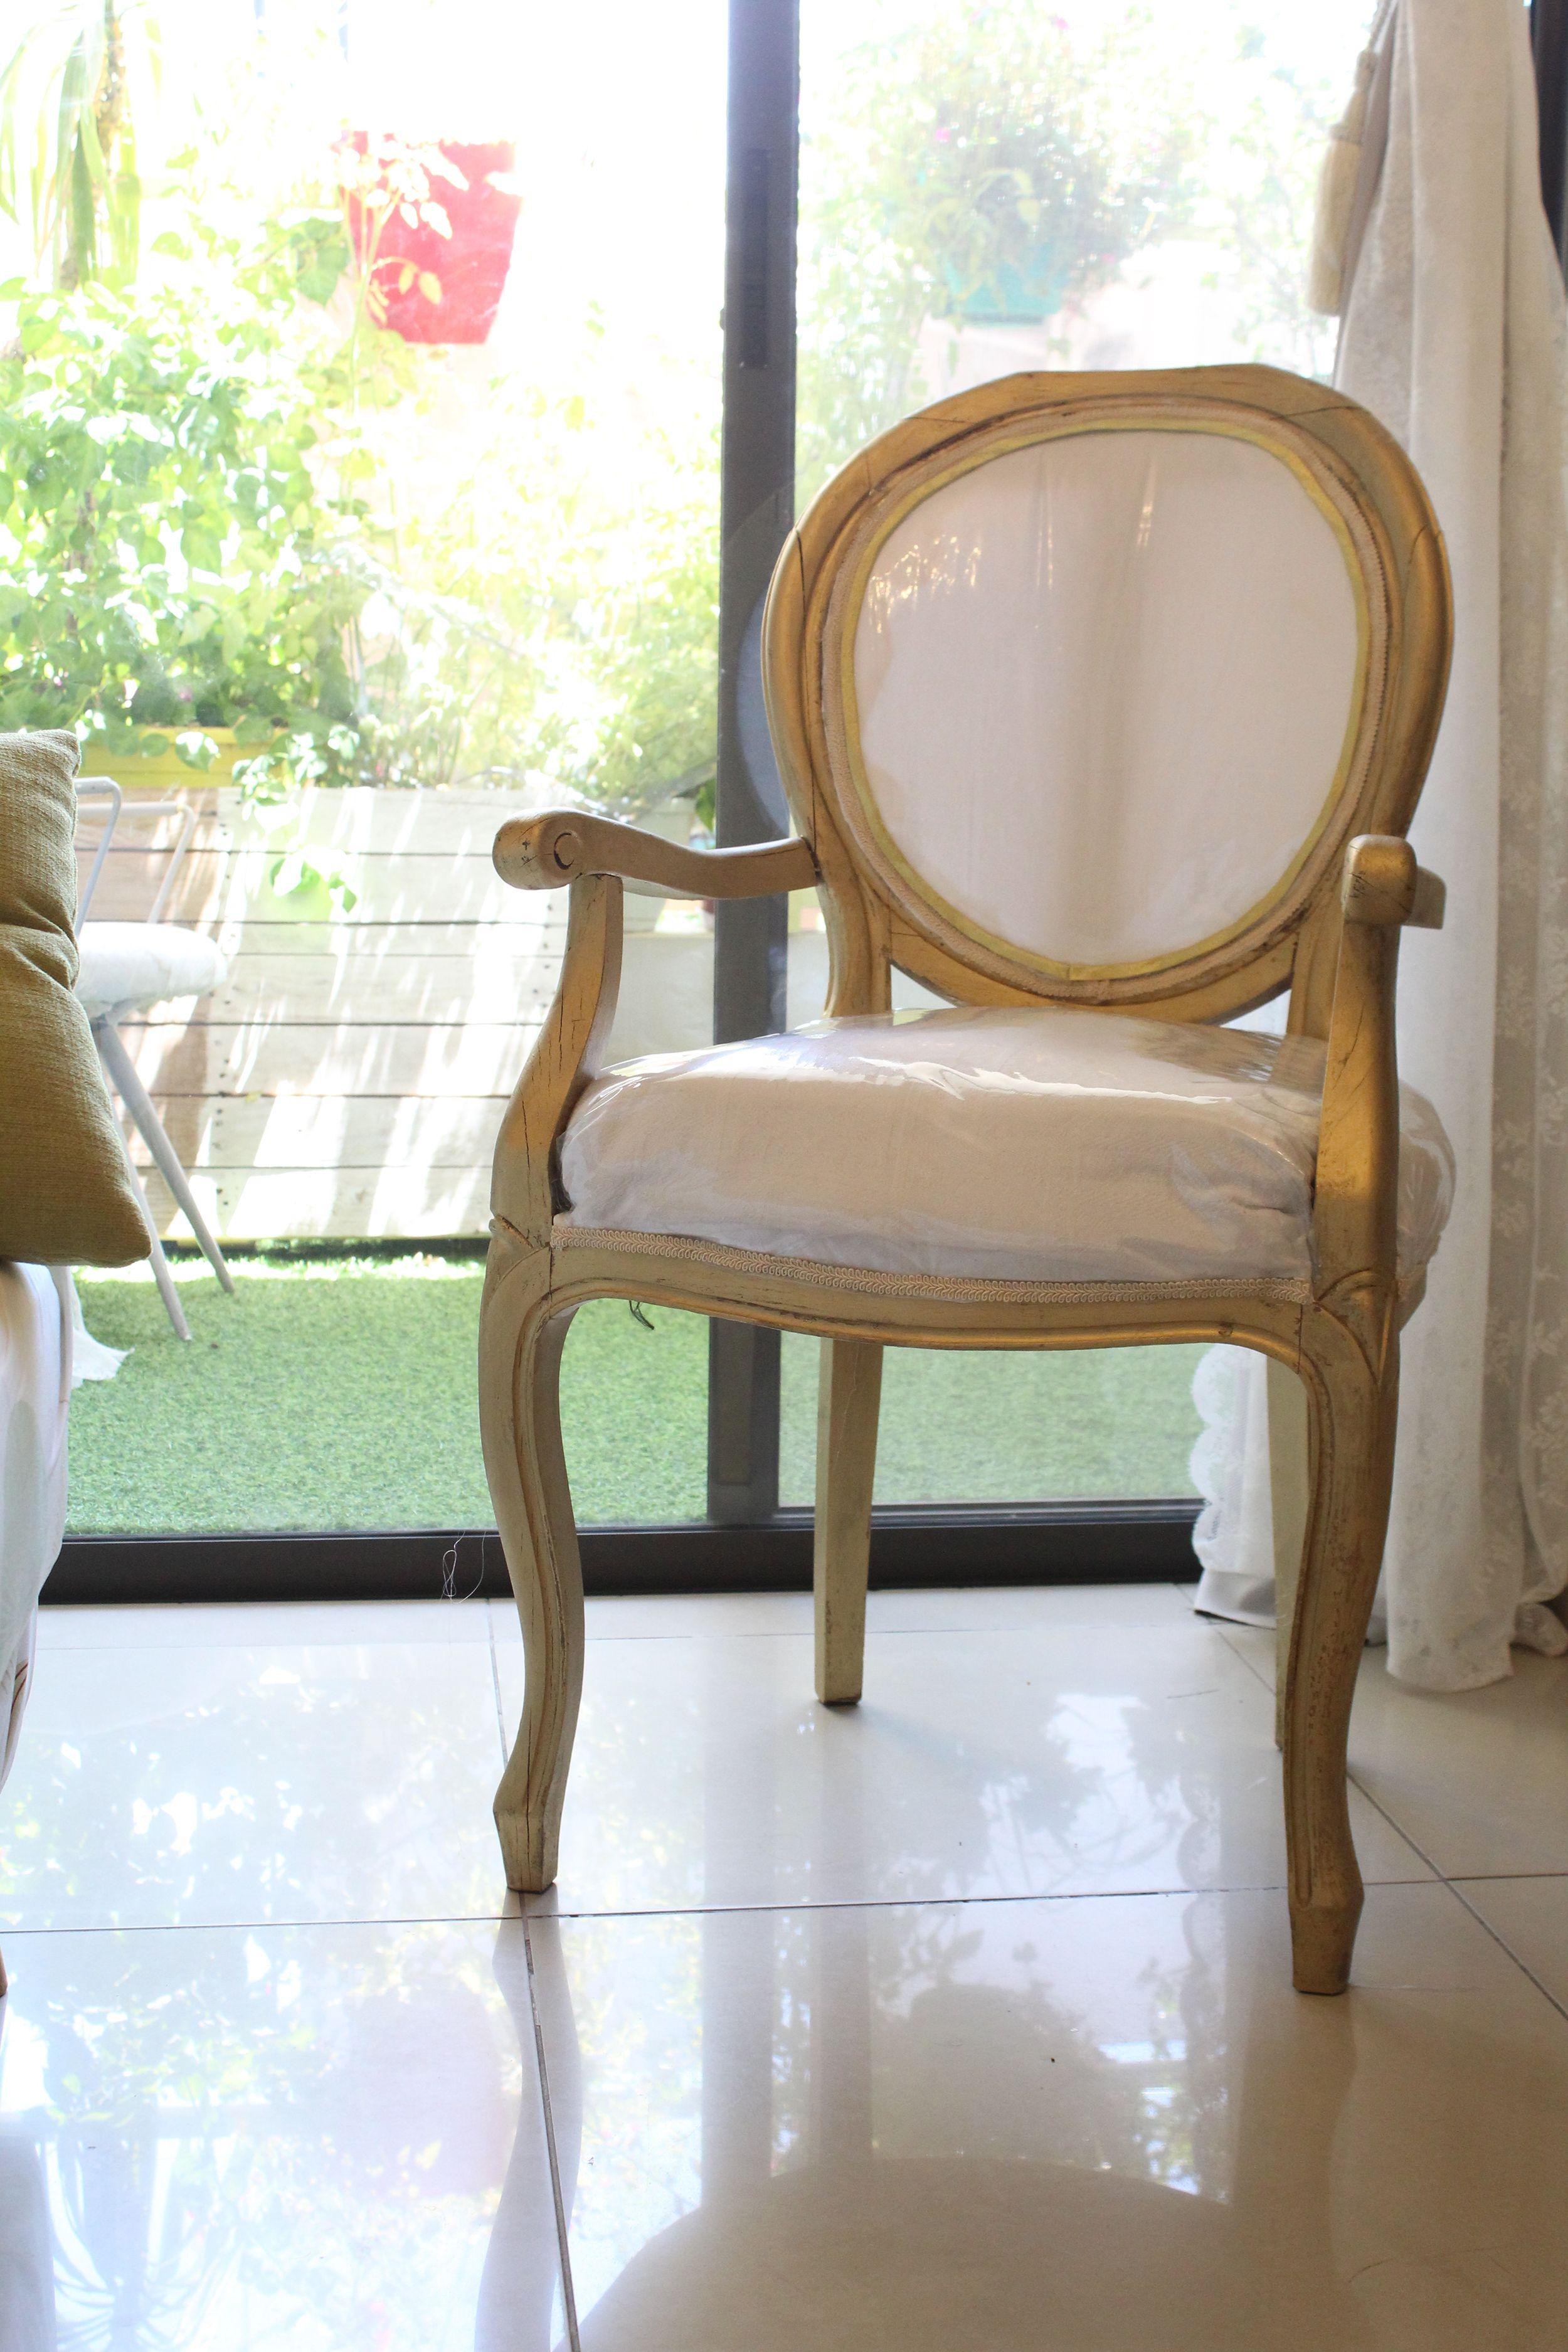 IMG 4199 - חידוש כסא עתיק